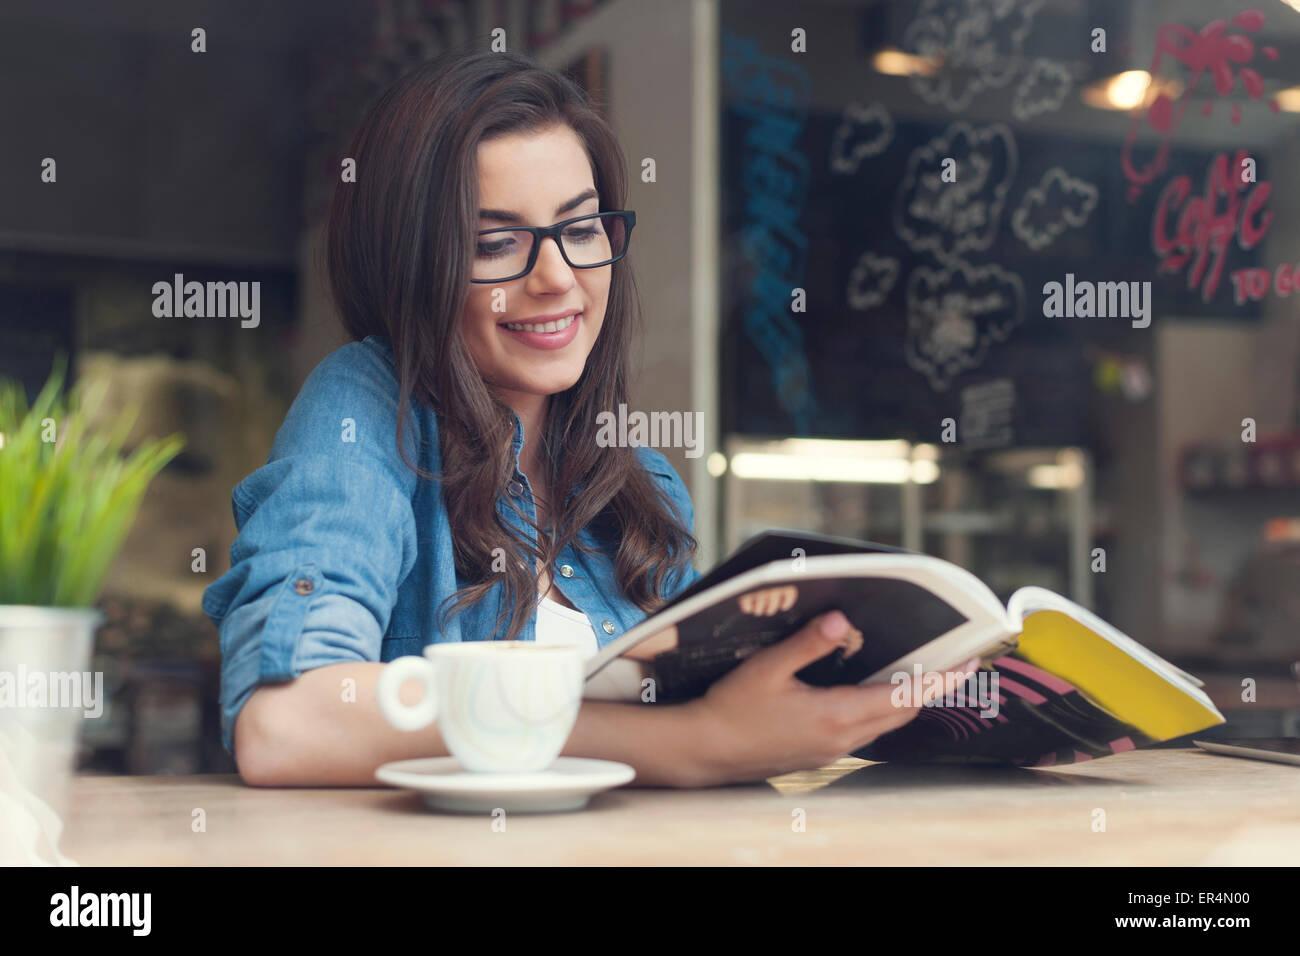 Lächelnde Frau lesen Zeitung im Café. Krakau, Polen Stockbild